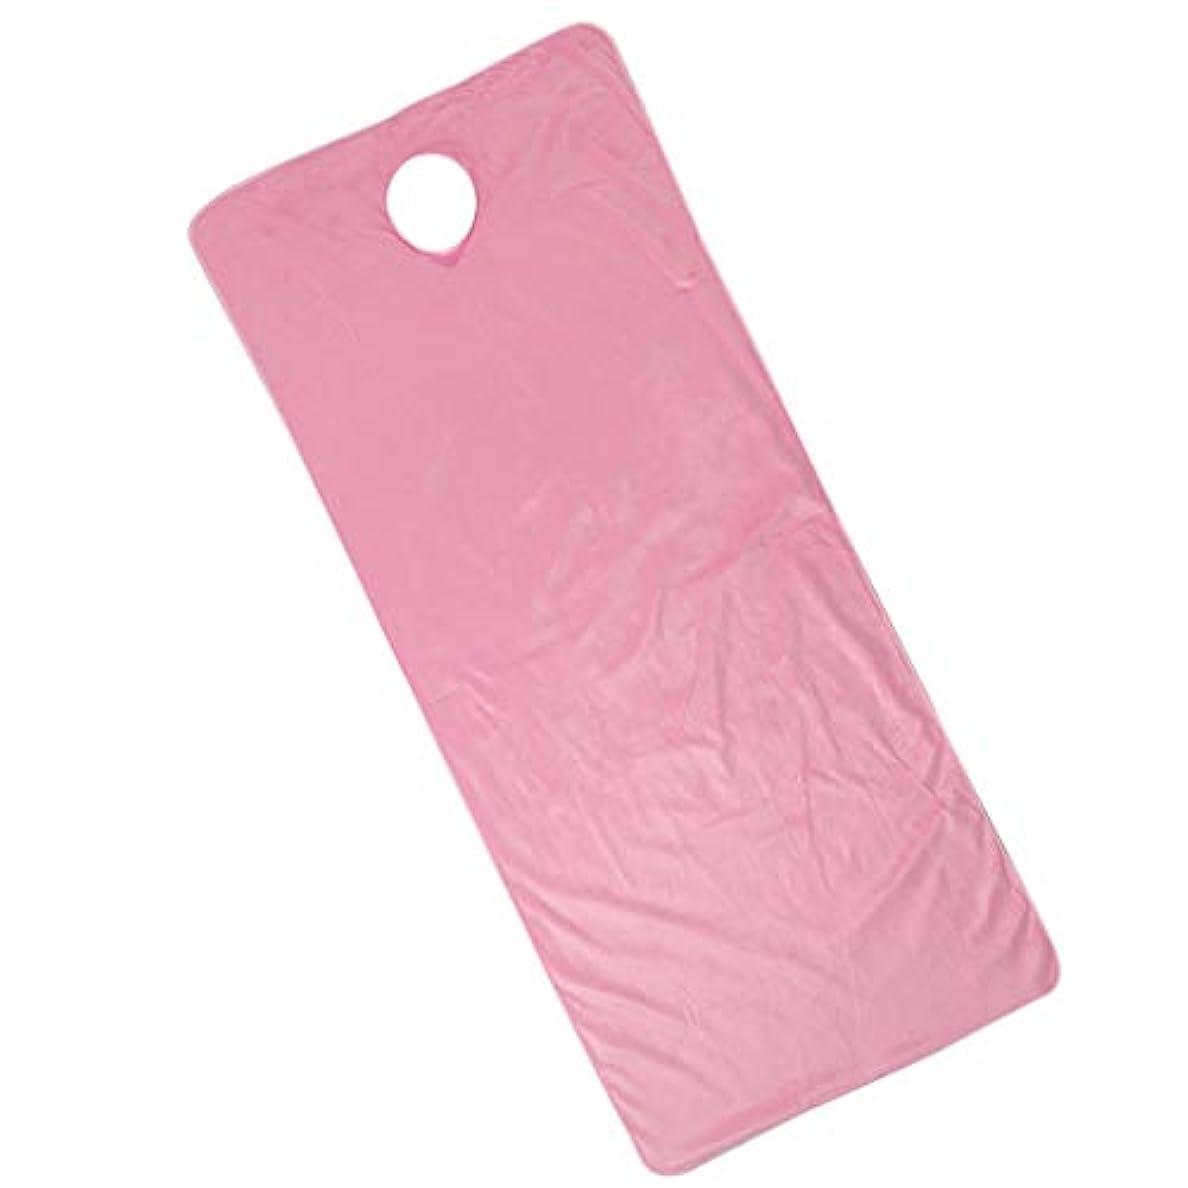 オークランド争いコモランマ美容ベッドカバー 有孔 スパ マッサージベッドカバー ピンク